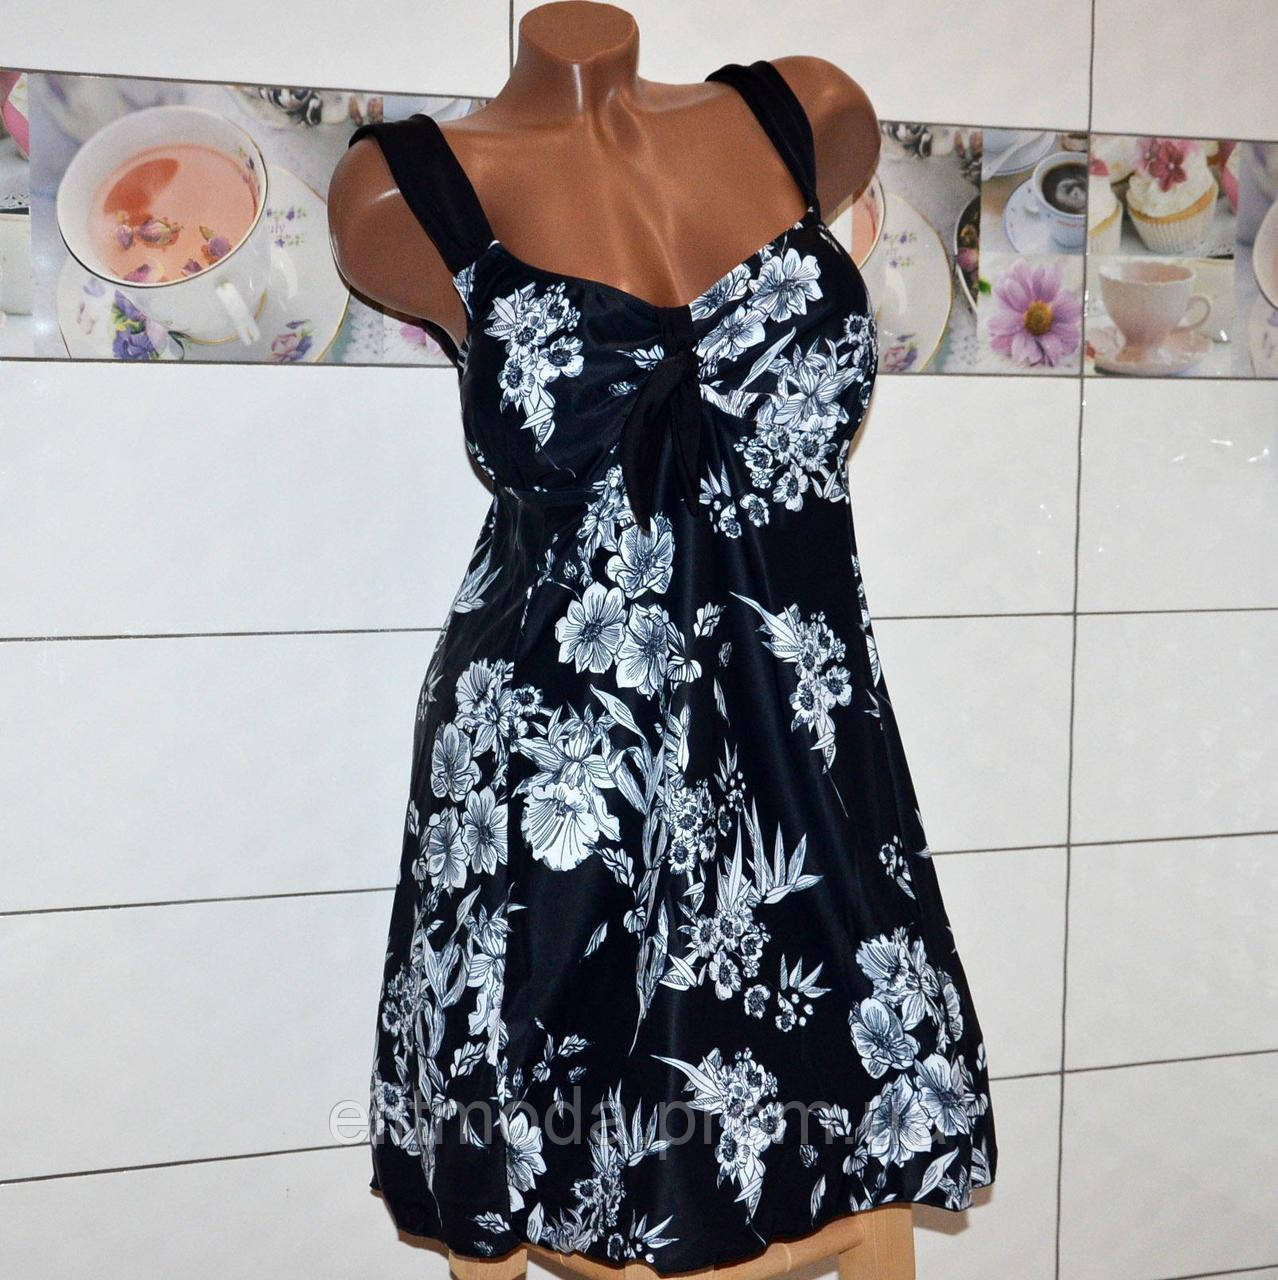 89d6ab52bb44c Большой 72 размер! Черный летний купальник платье танкини, высокие плавки, для  женщин с